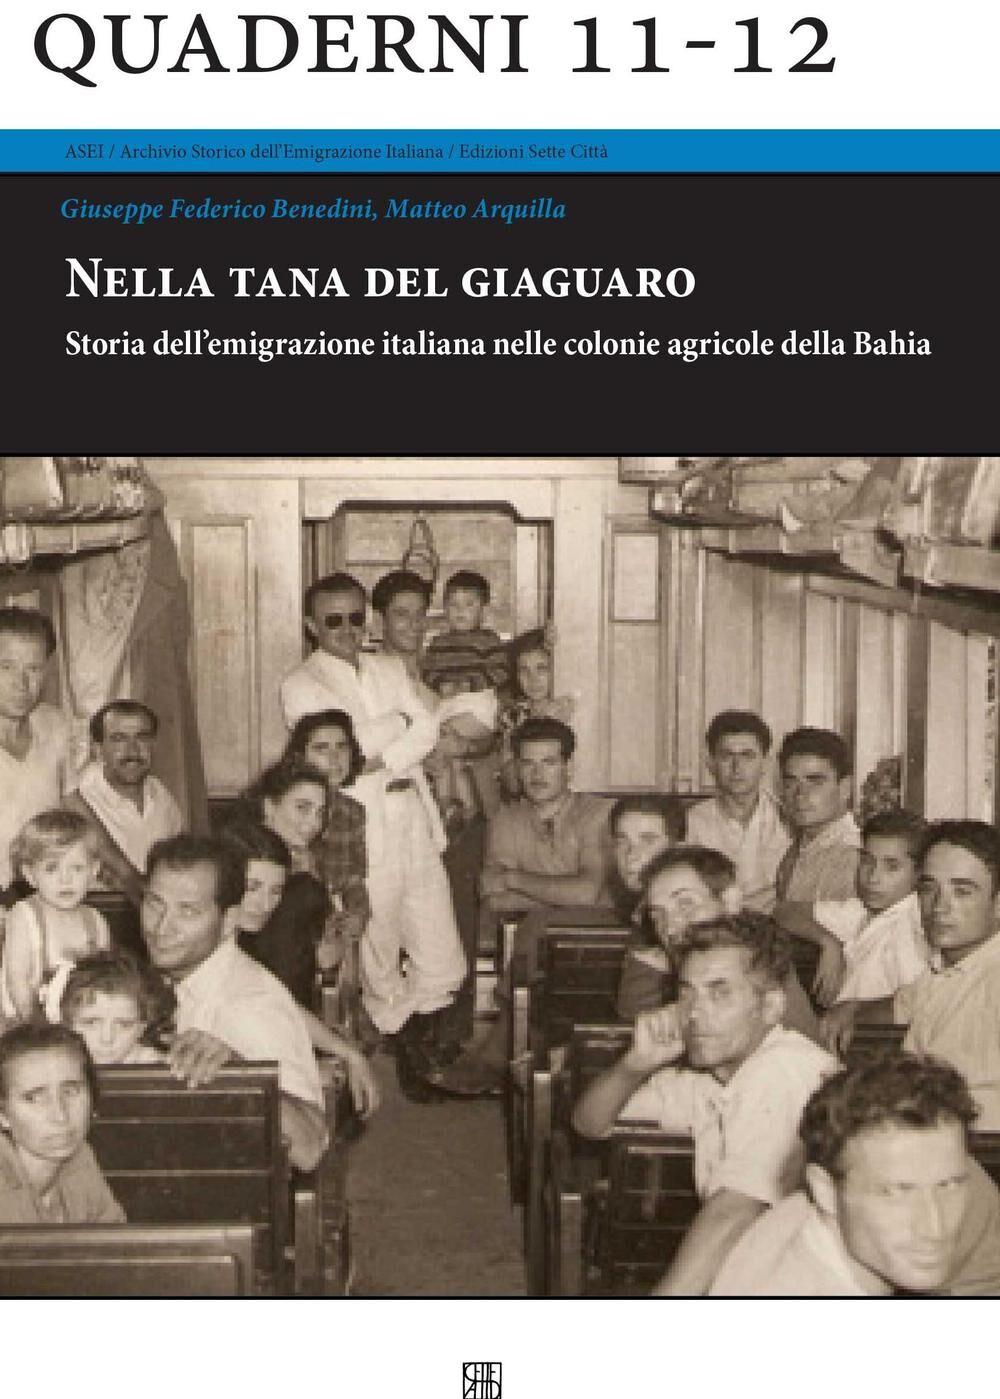 Nella tana del giaguaro. Storia dell'emigrazione italiana nelle colonie agricole della Bahia